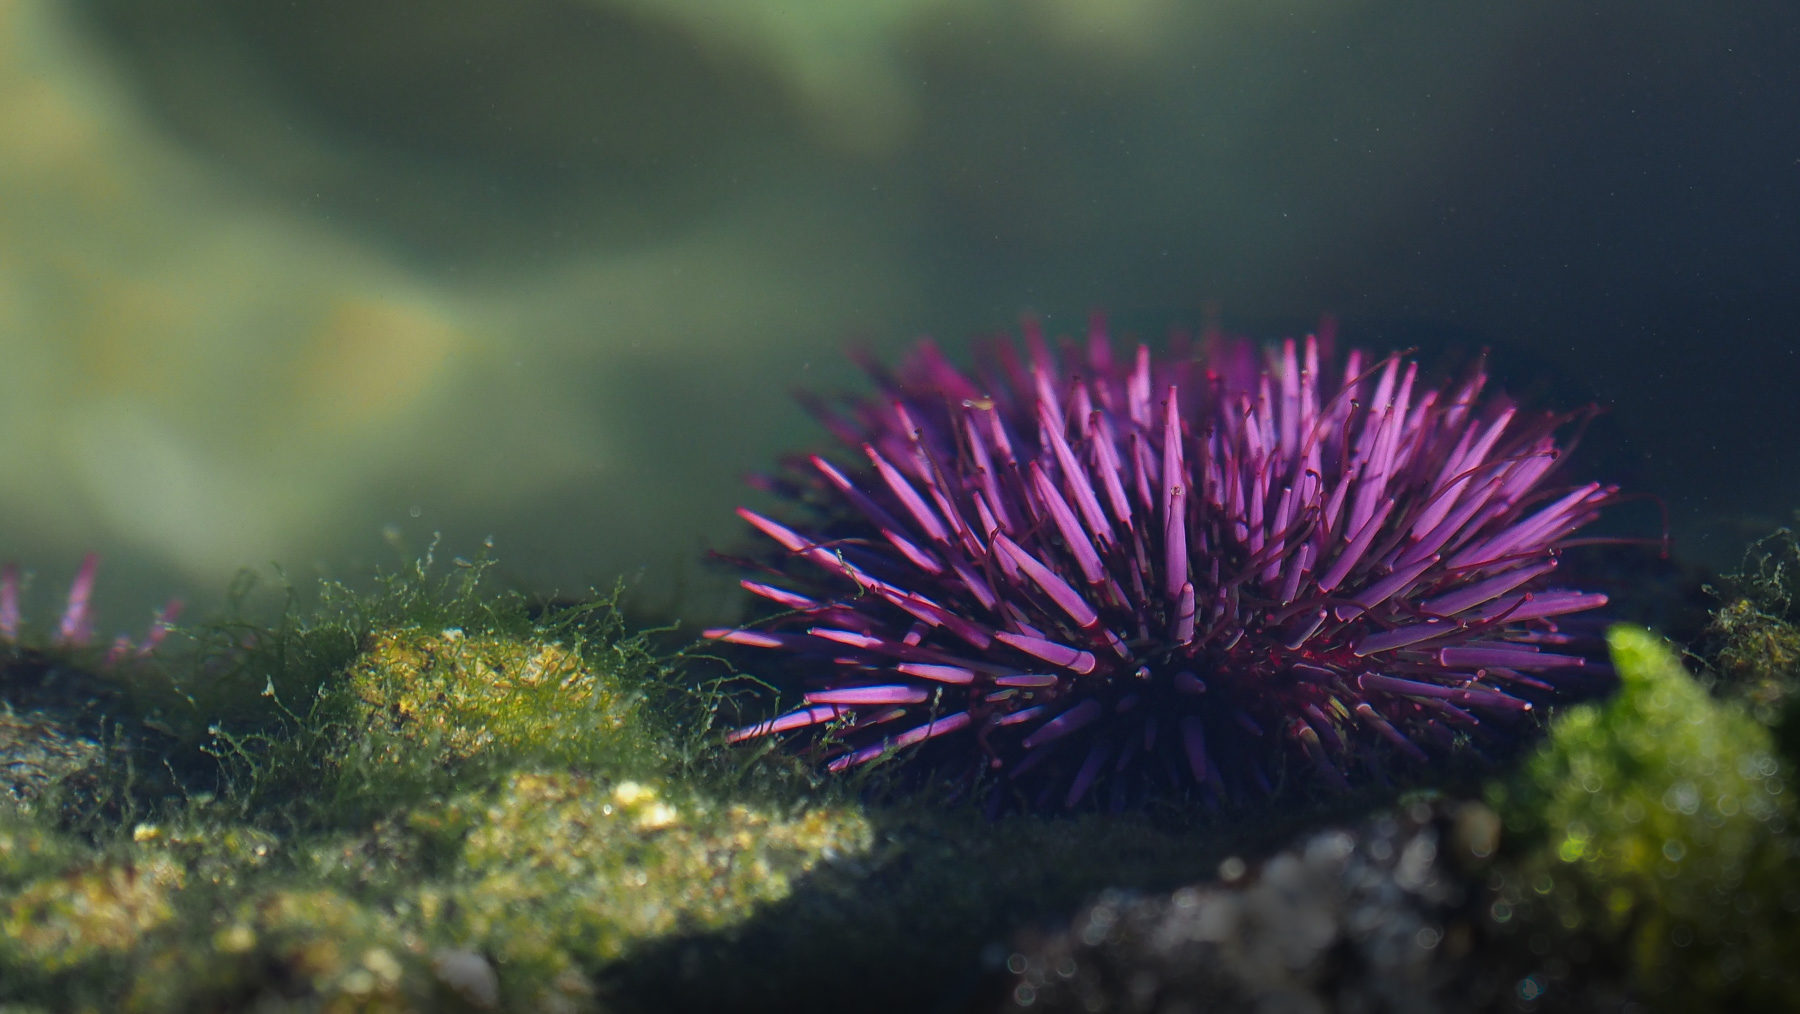 Seeigel, die sind wirklich so lila!